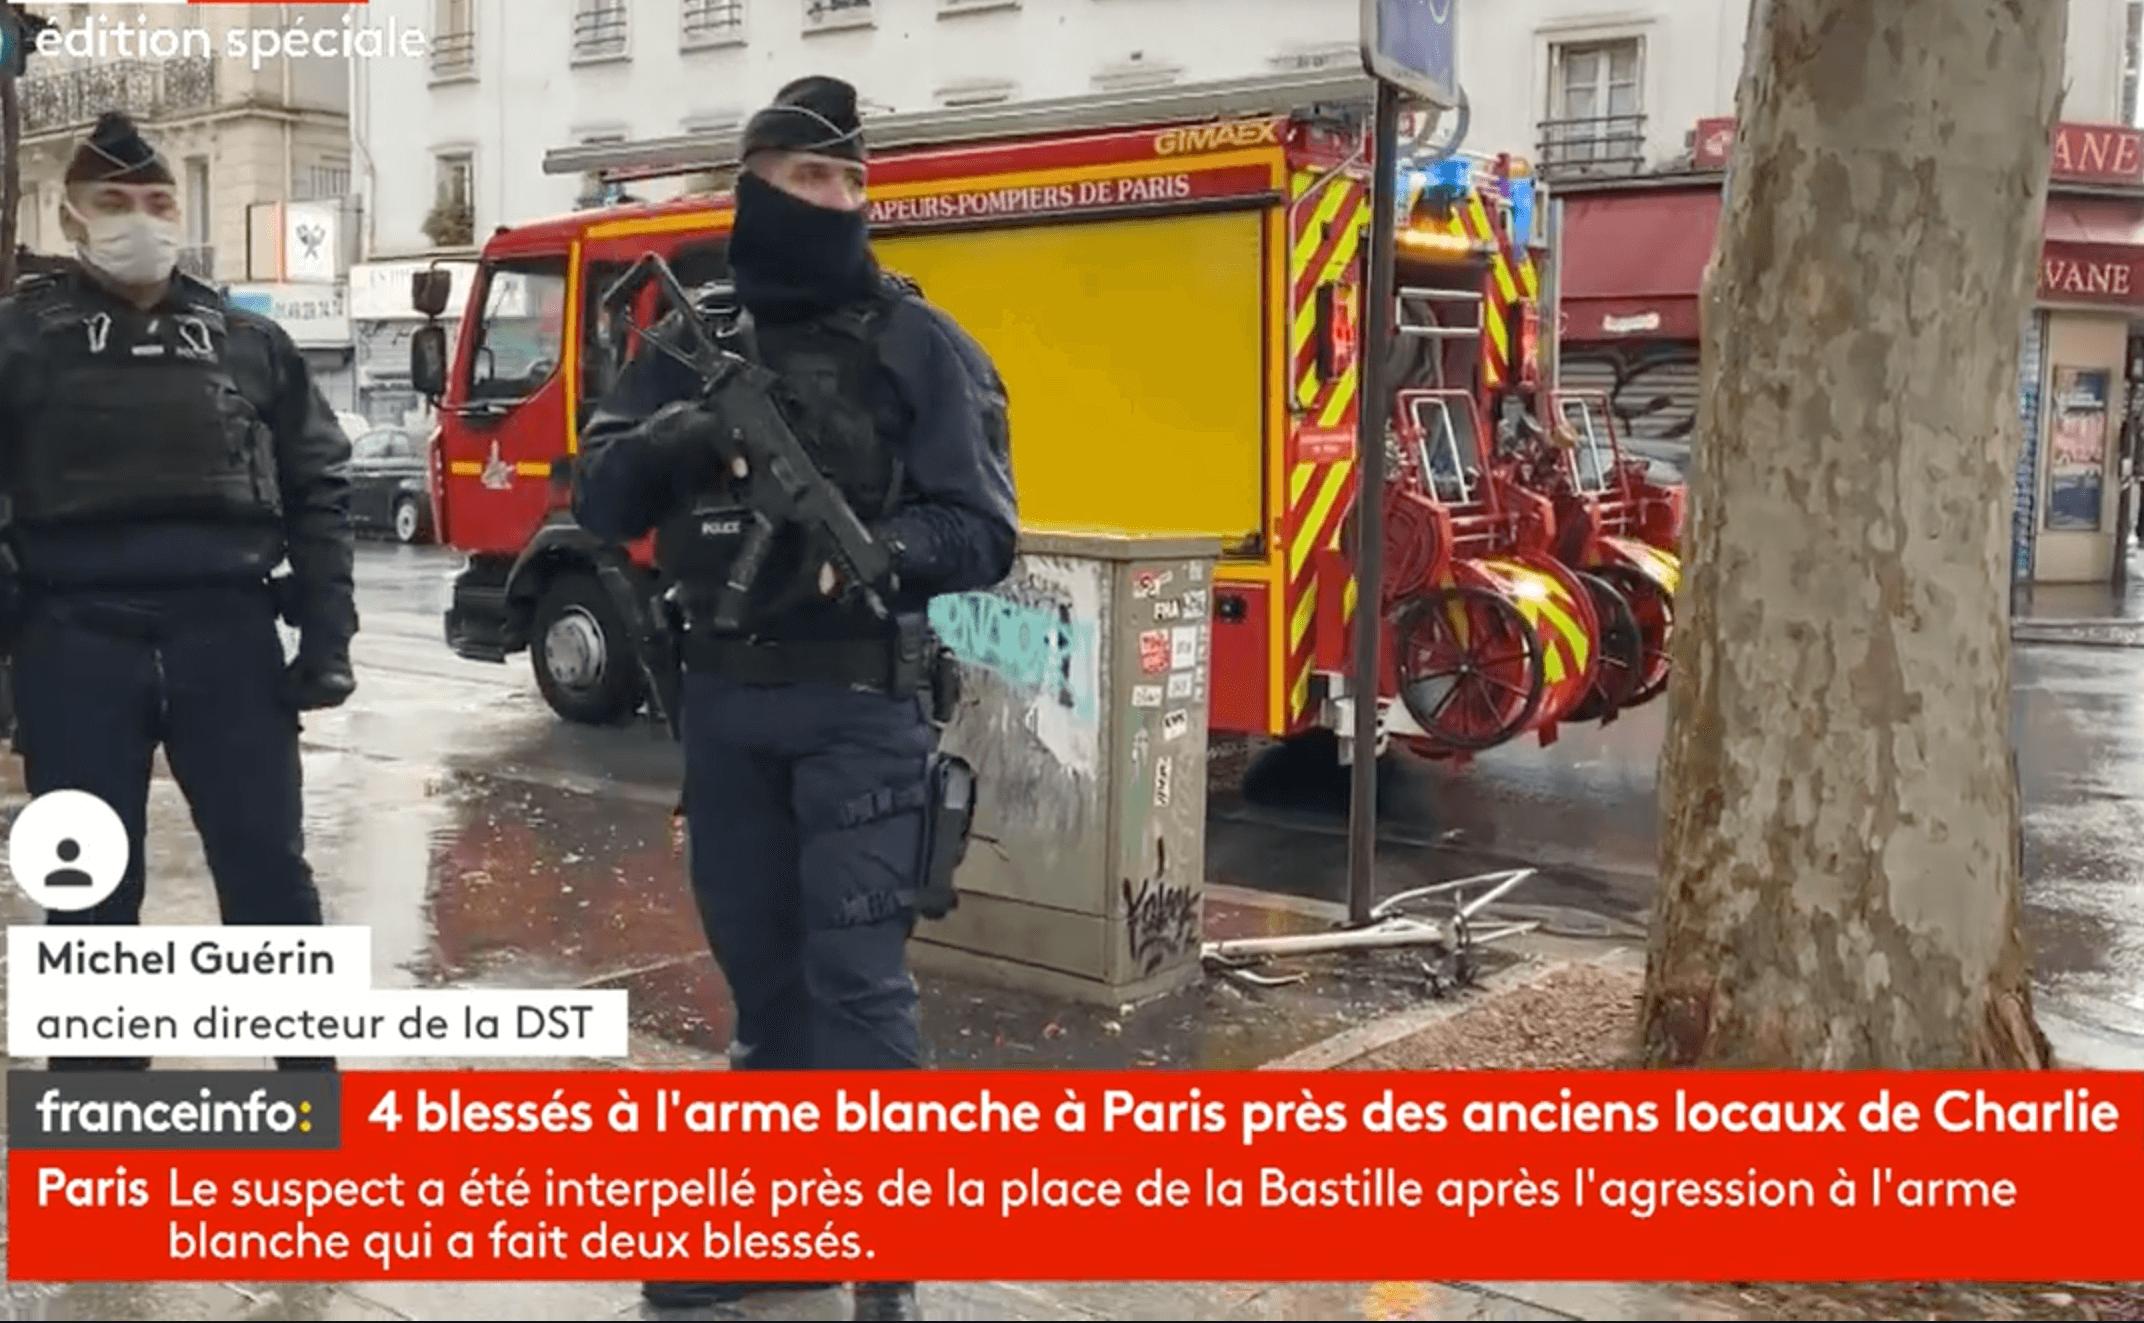 速報、パリ最新情報「パリで再びテロ(?)が発生。一部地区がロックダウン」